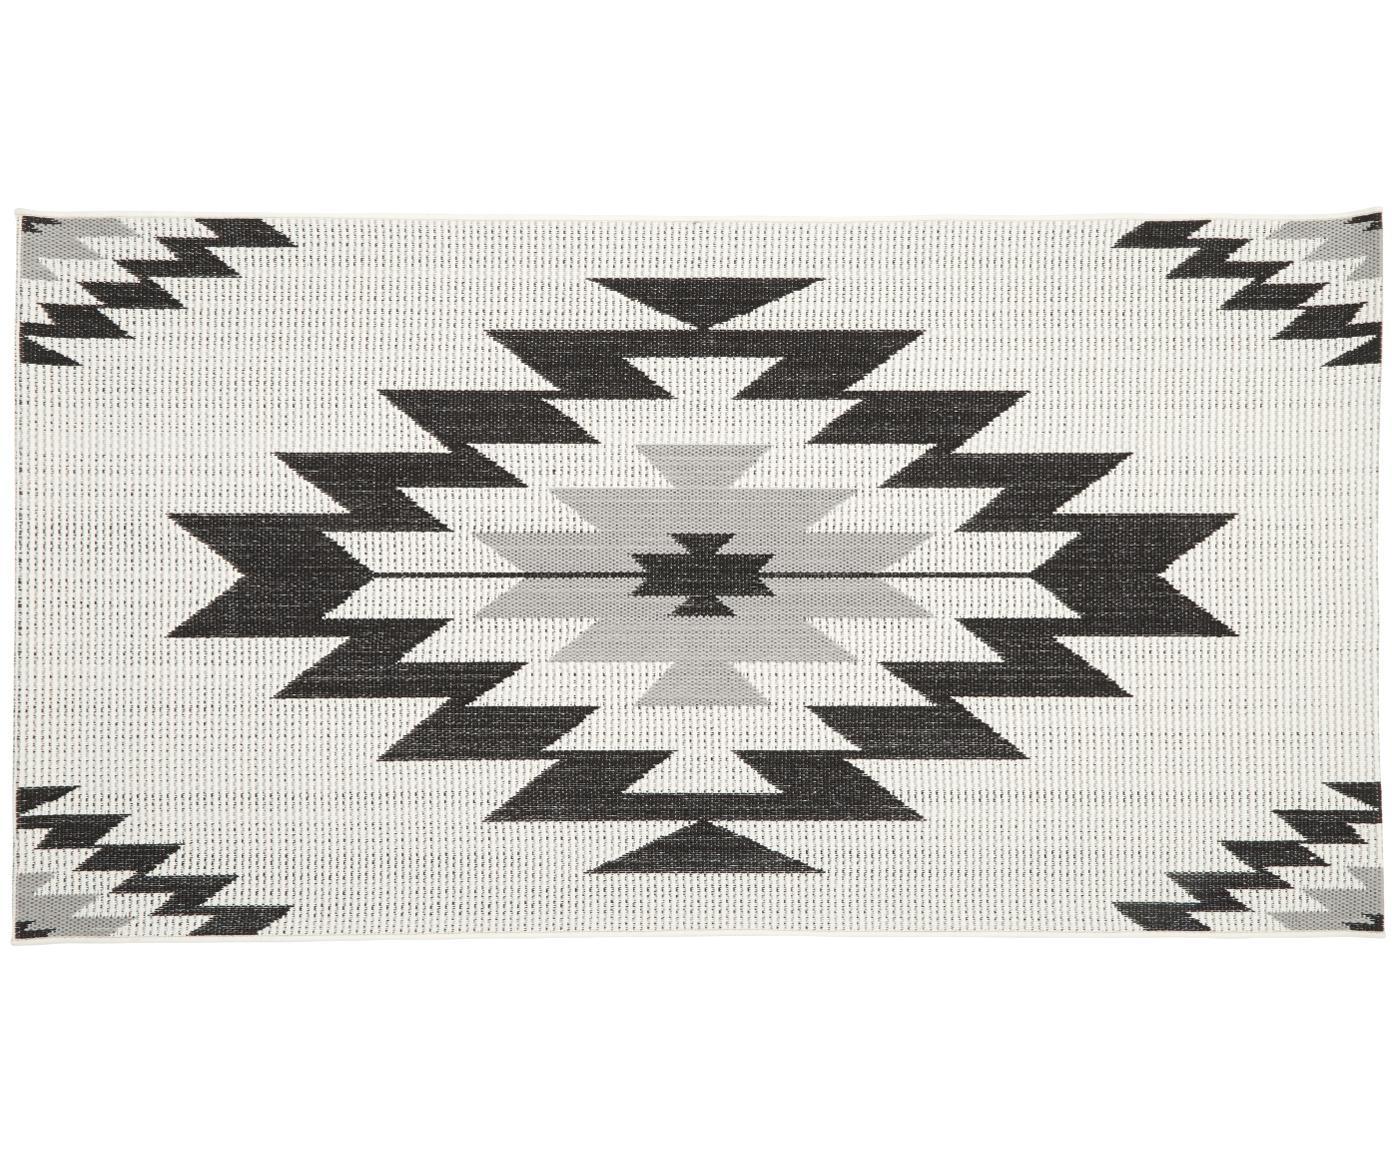 Tappeto da interno-esterno Ikat, Retro: poliestere, Bianco crema, nero, grigio, Larg. 80 x Lung. 150 cm (taglia XS)